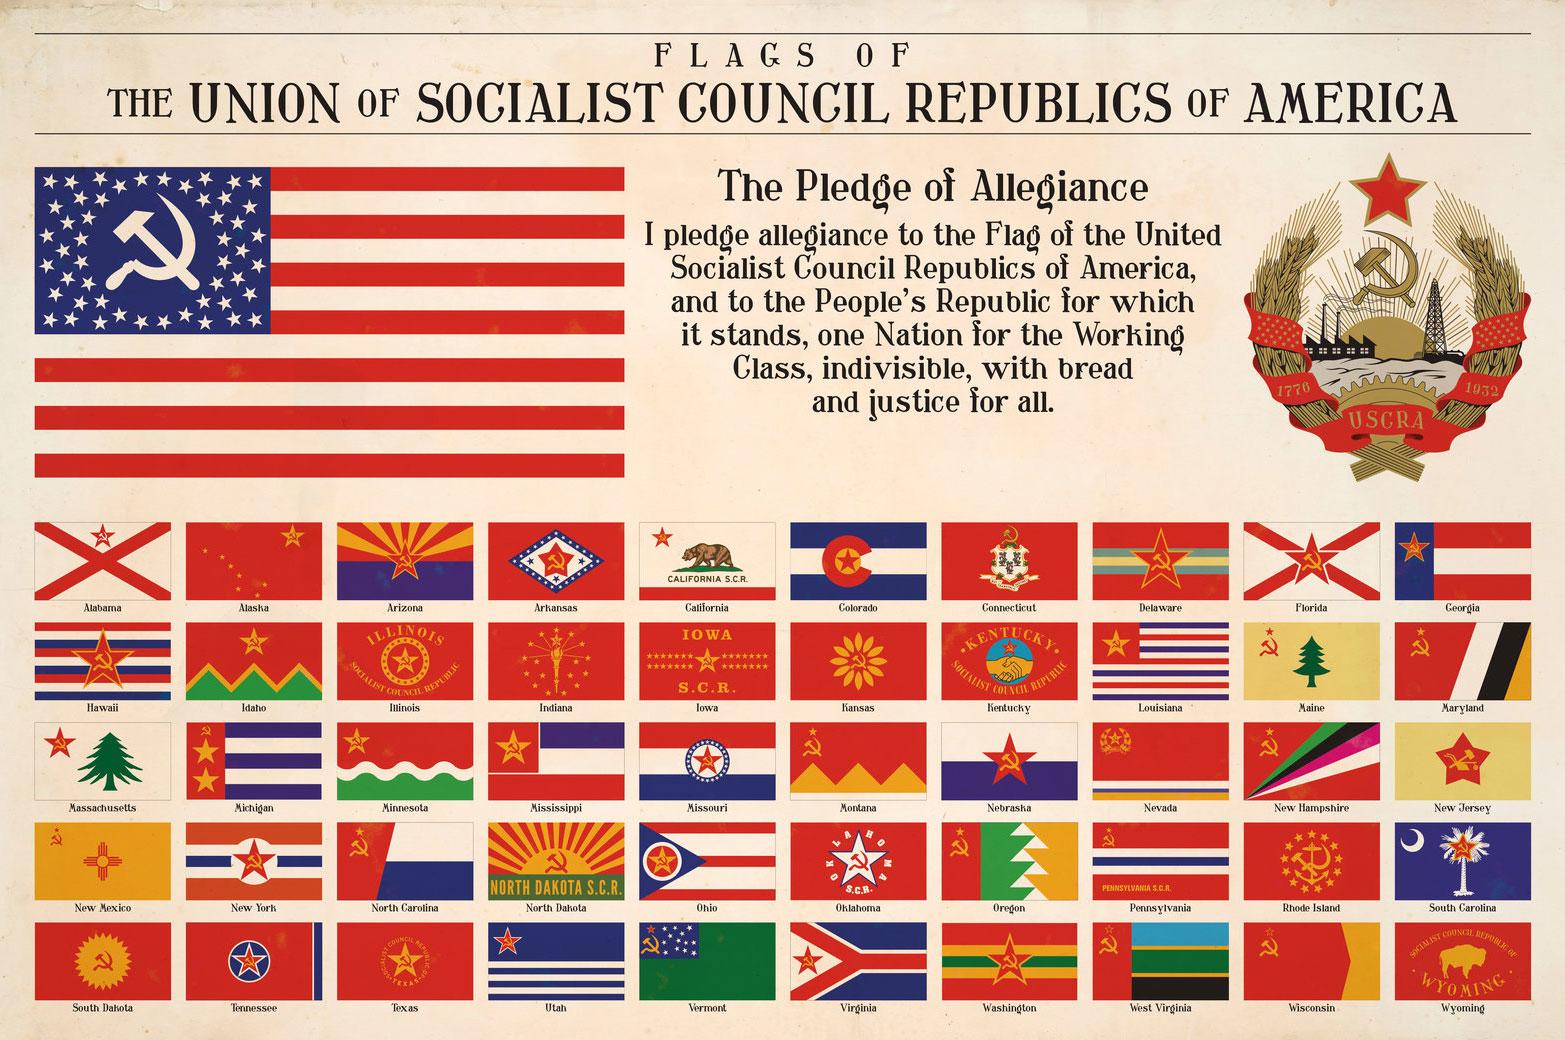 США первыми перейдут к социализму